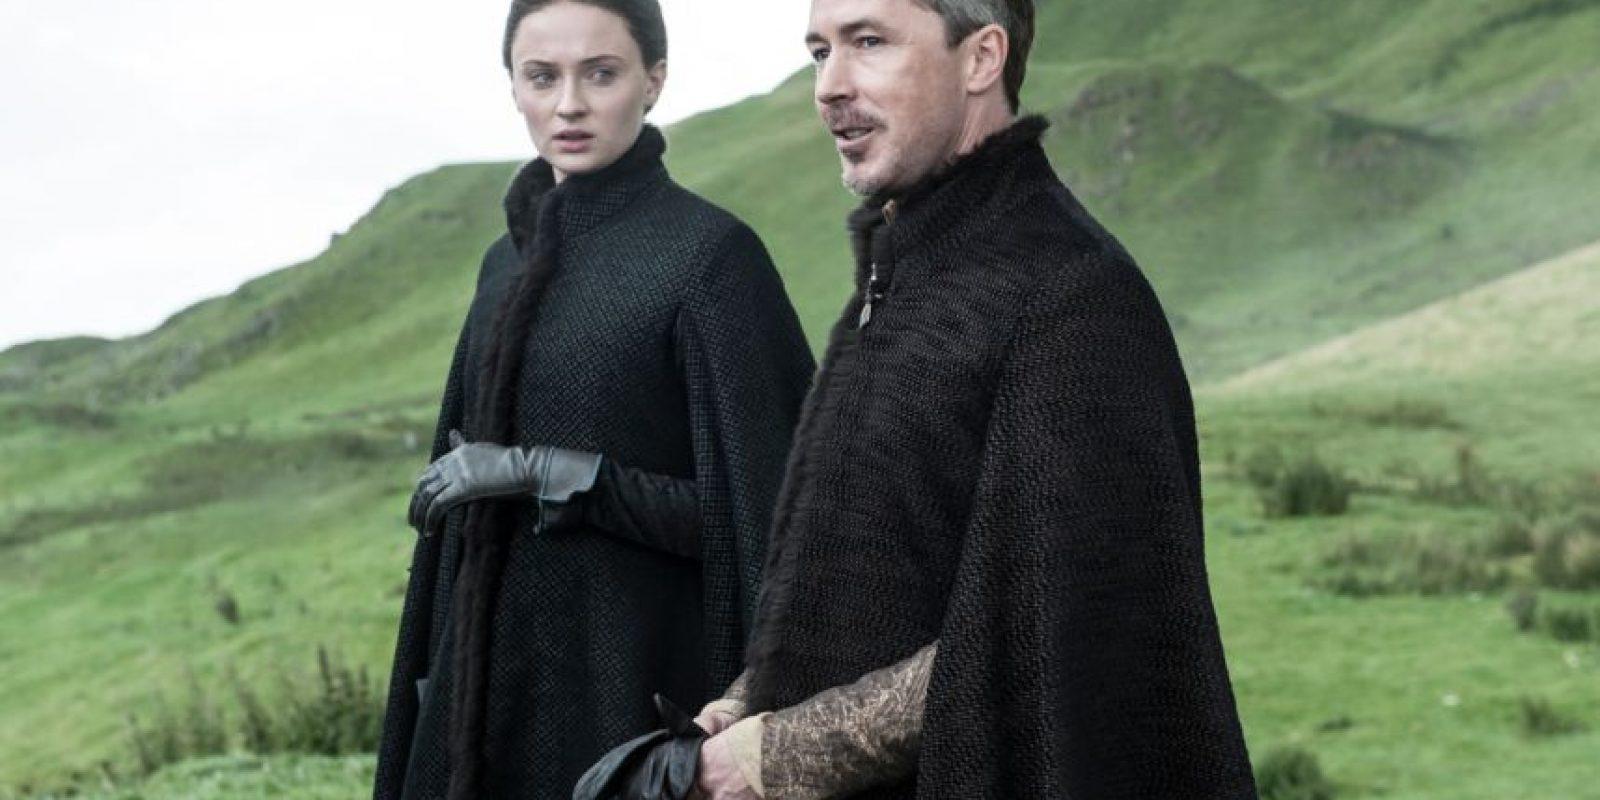 Quizás nadie termina de entender lo que quiere hacer con Sansa y lo que planea con ella. Y su obsesión nunca correspondida por Catelyn Tully. Además, él traicionó a Ned. Foto:HBO